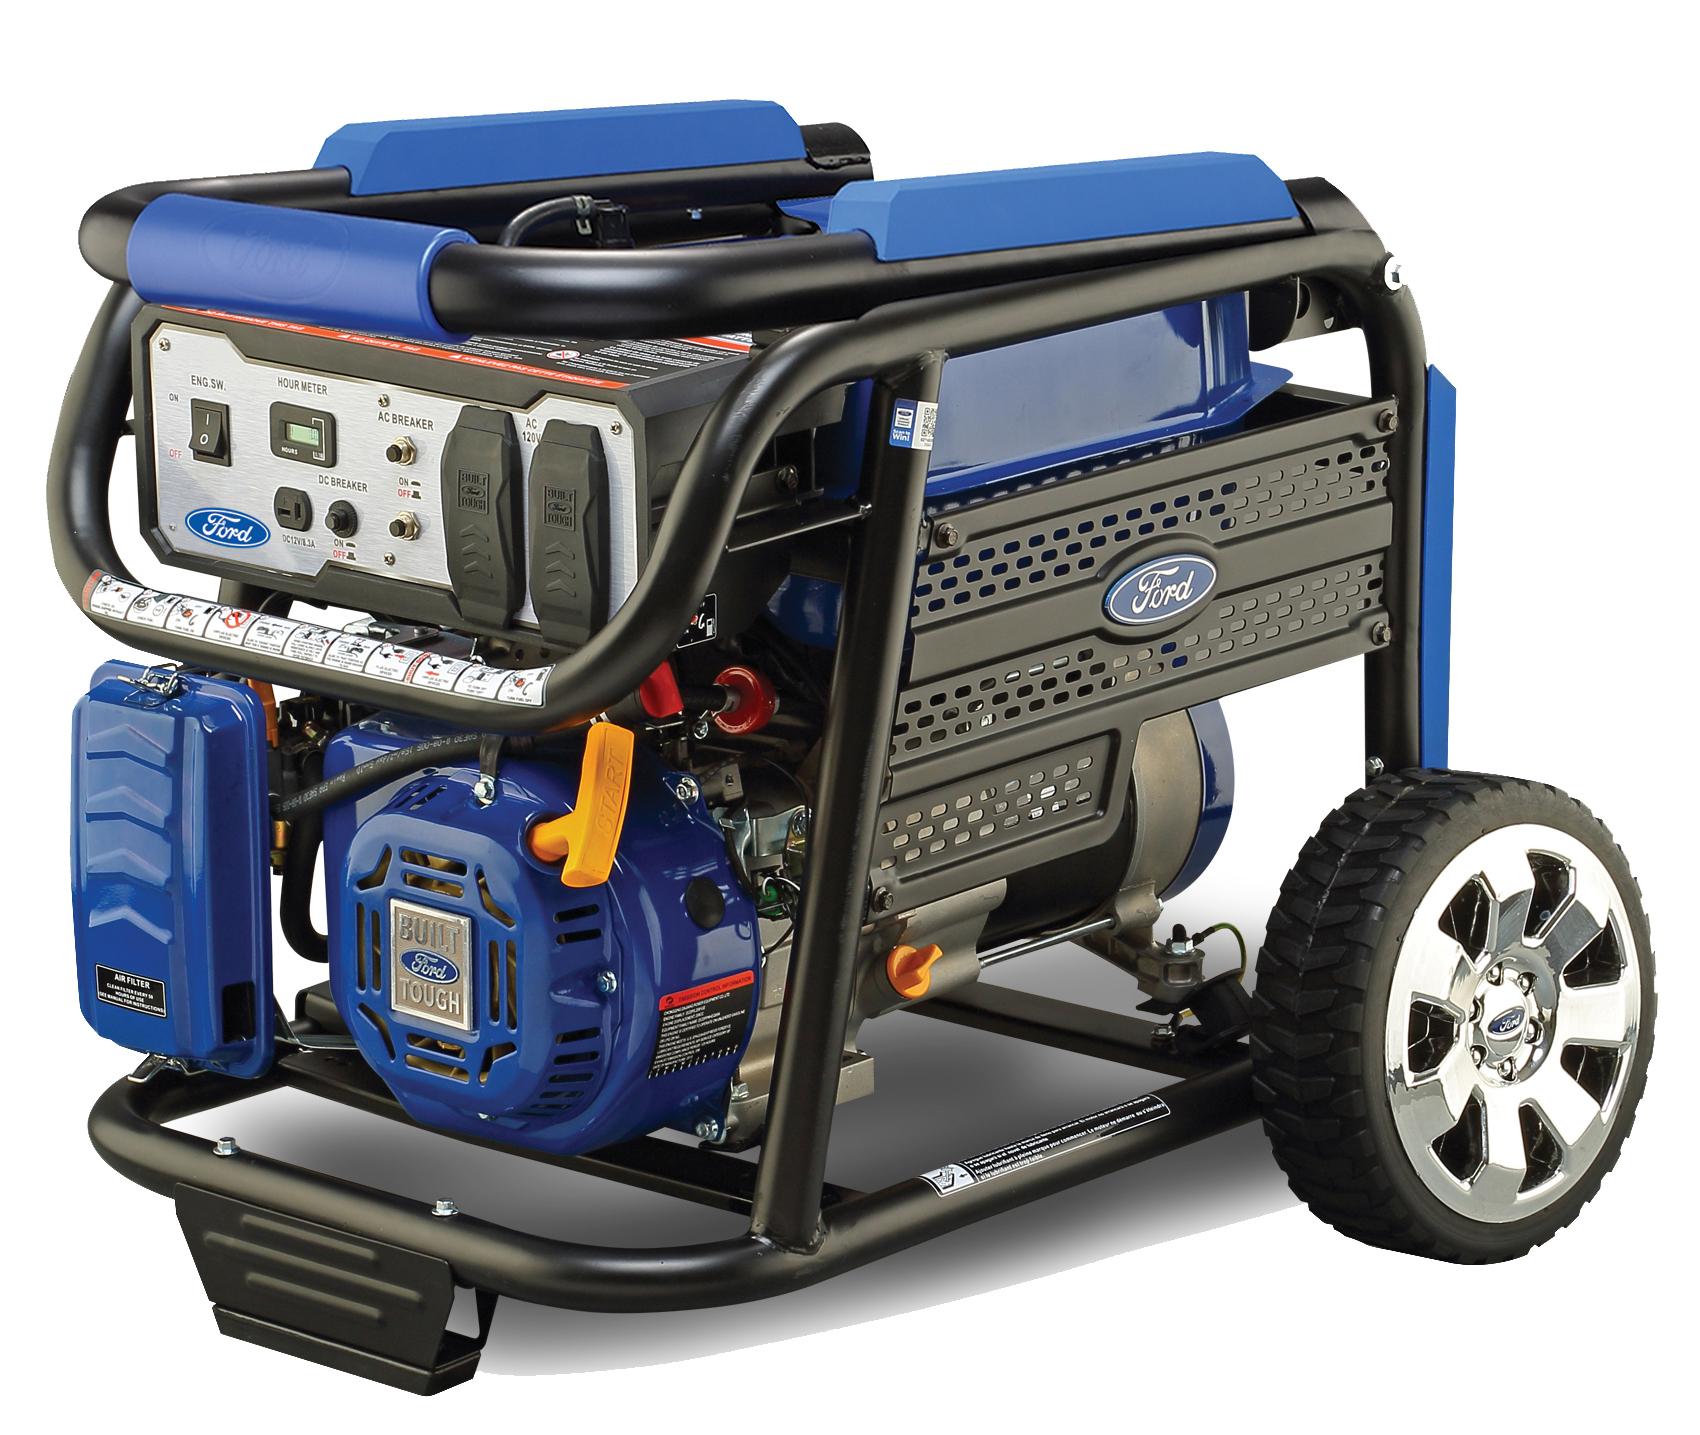 Ford Portable Gas Generator 4650 Watt Wheel Kit 68 dB CARB